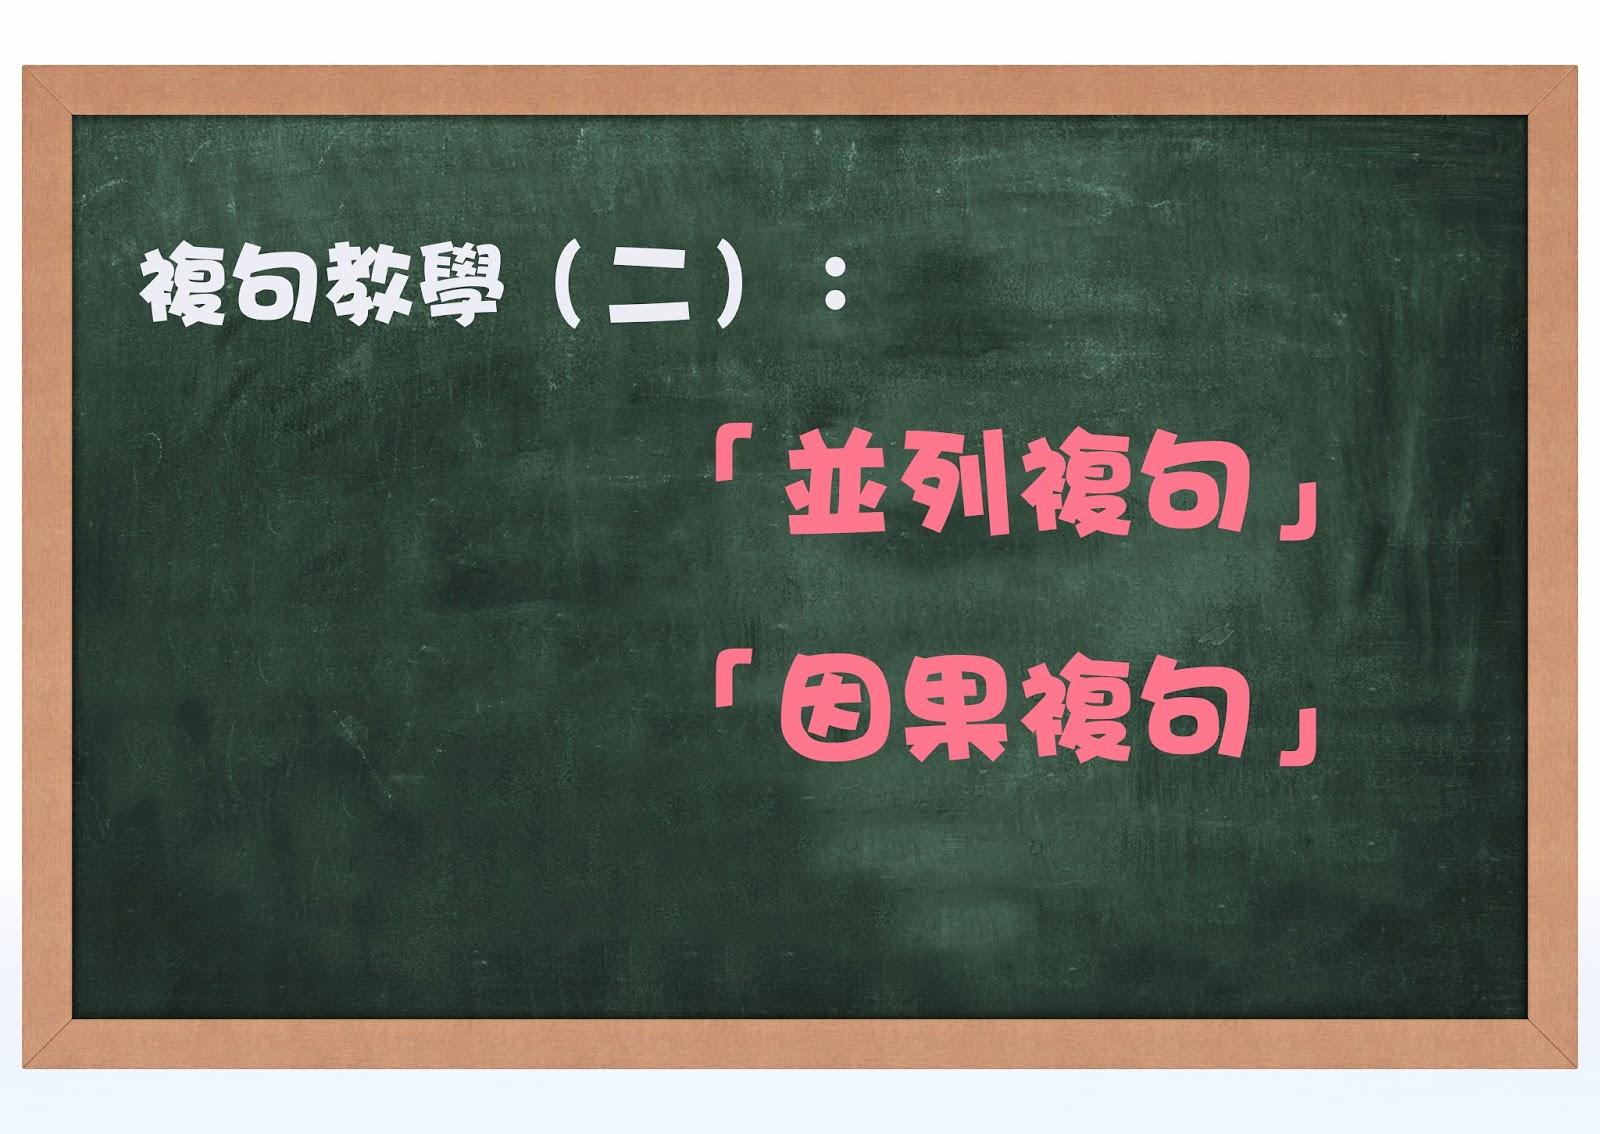 複句教學(二):「並列複句」、「因果複句」|寫作教室|尤莉姐姐的反轉學堂